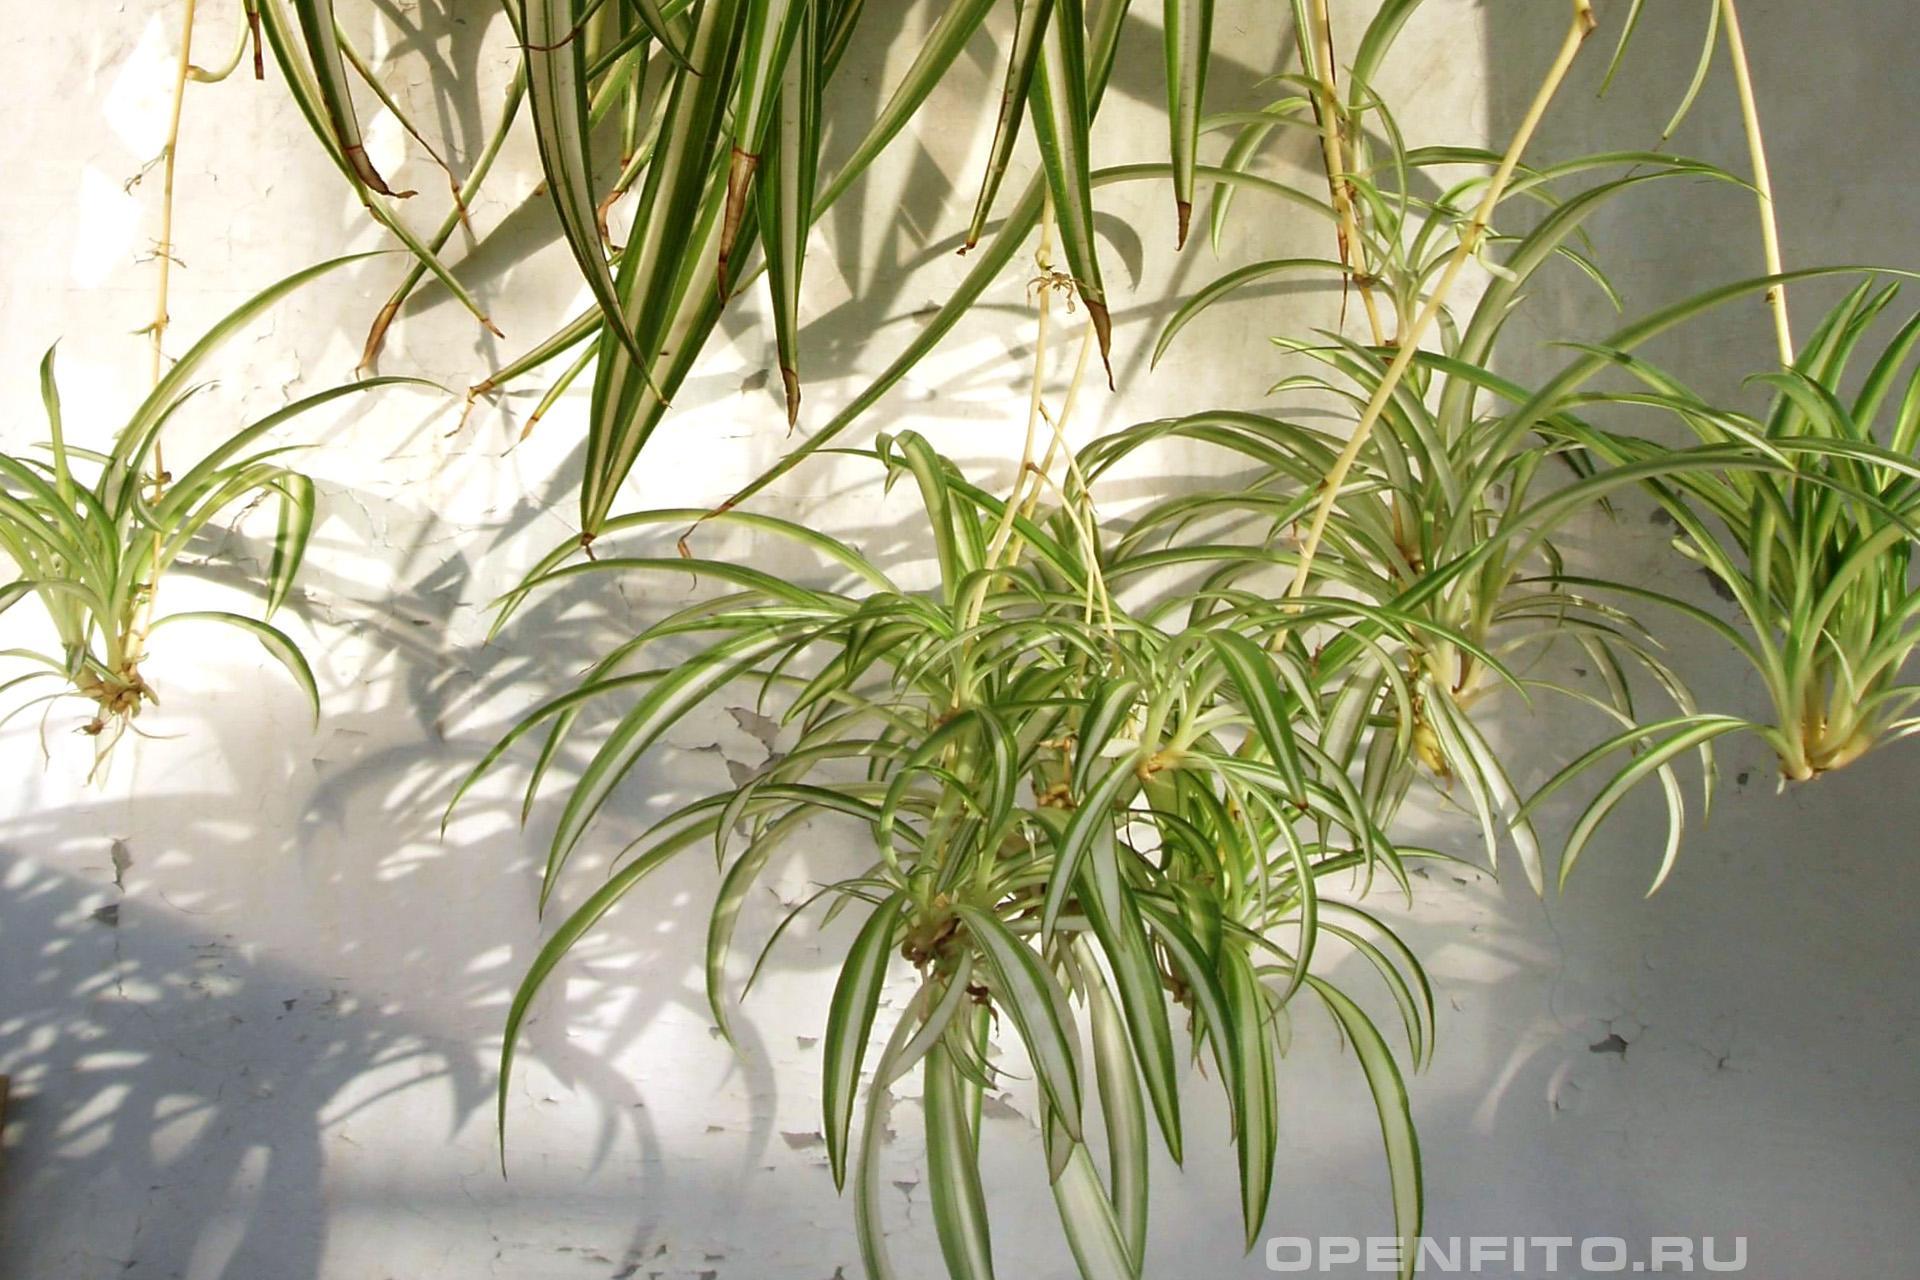 Хлорофитум хохлатый отводки растения